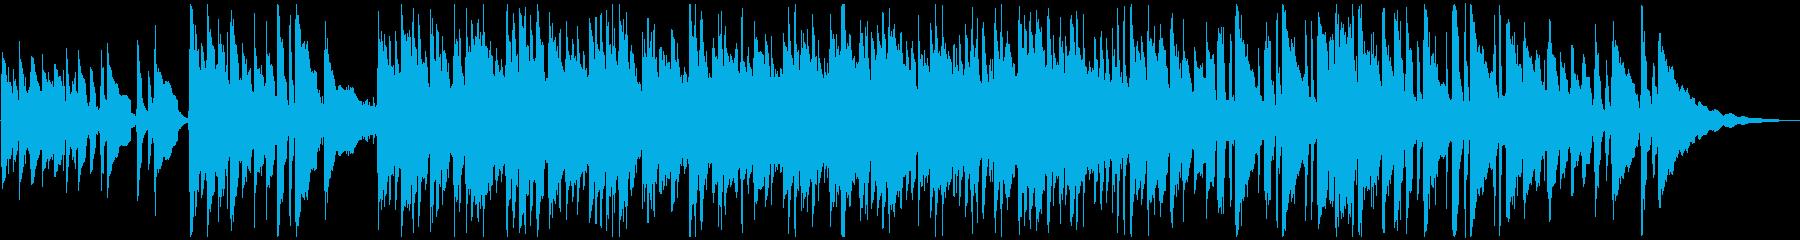 癒し系、透明感があるアコギのサウンドの再生済みの波形